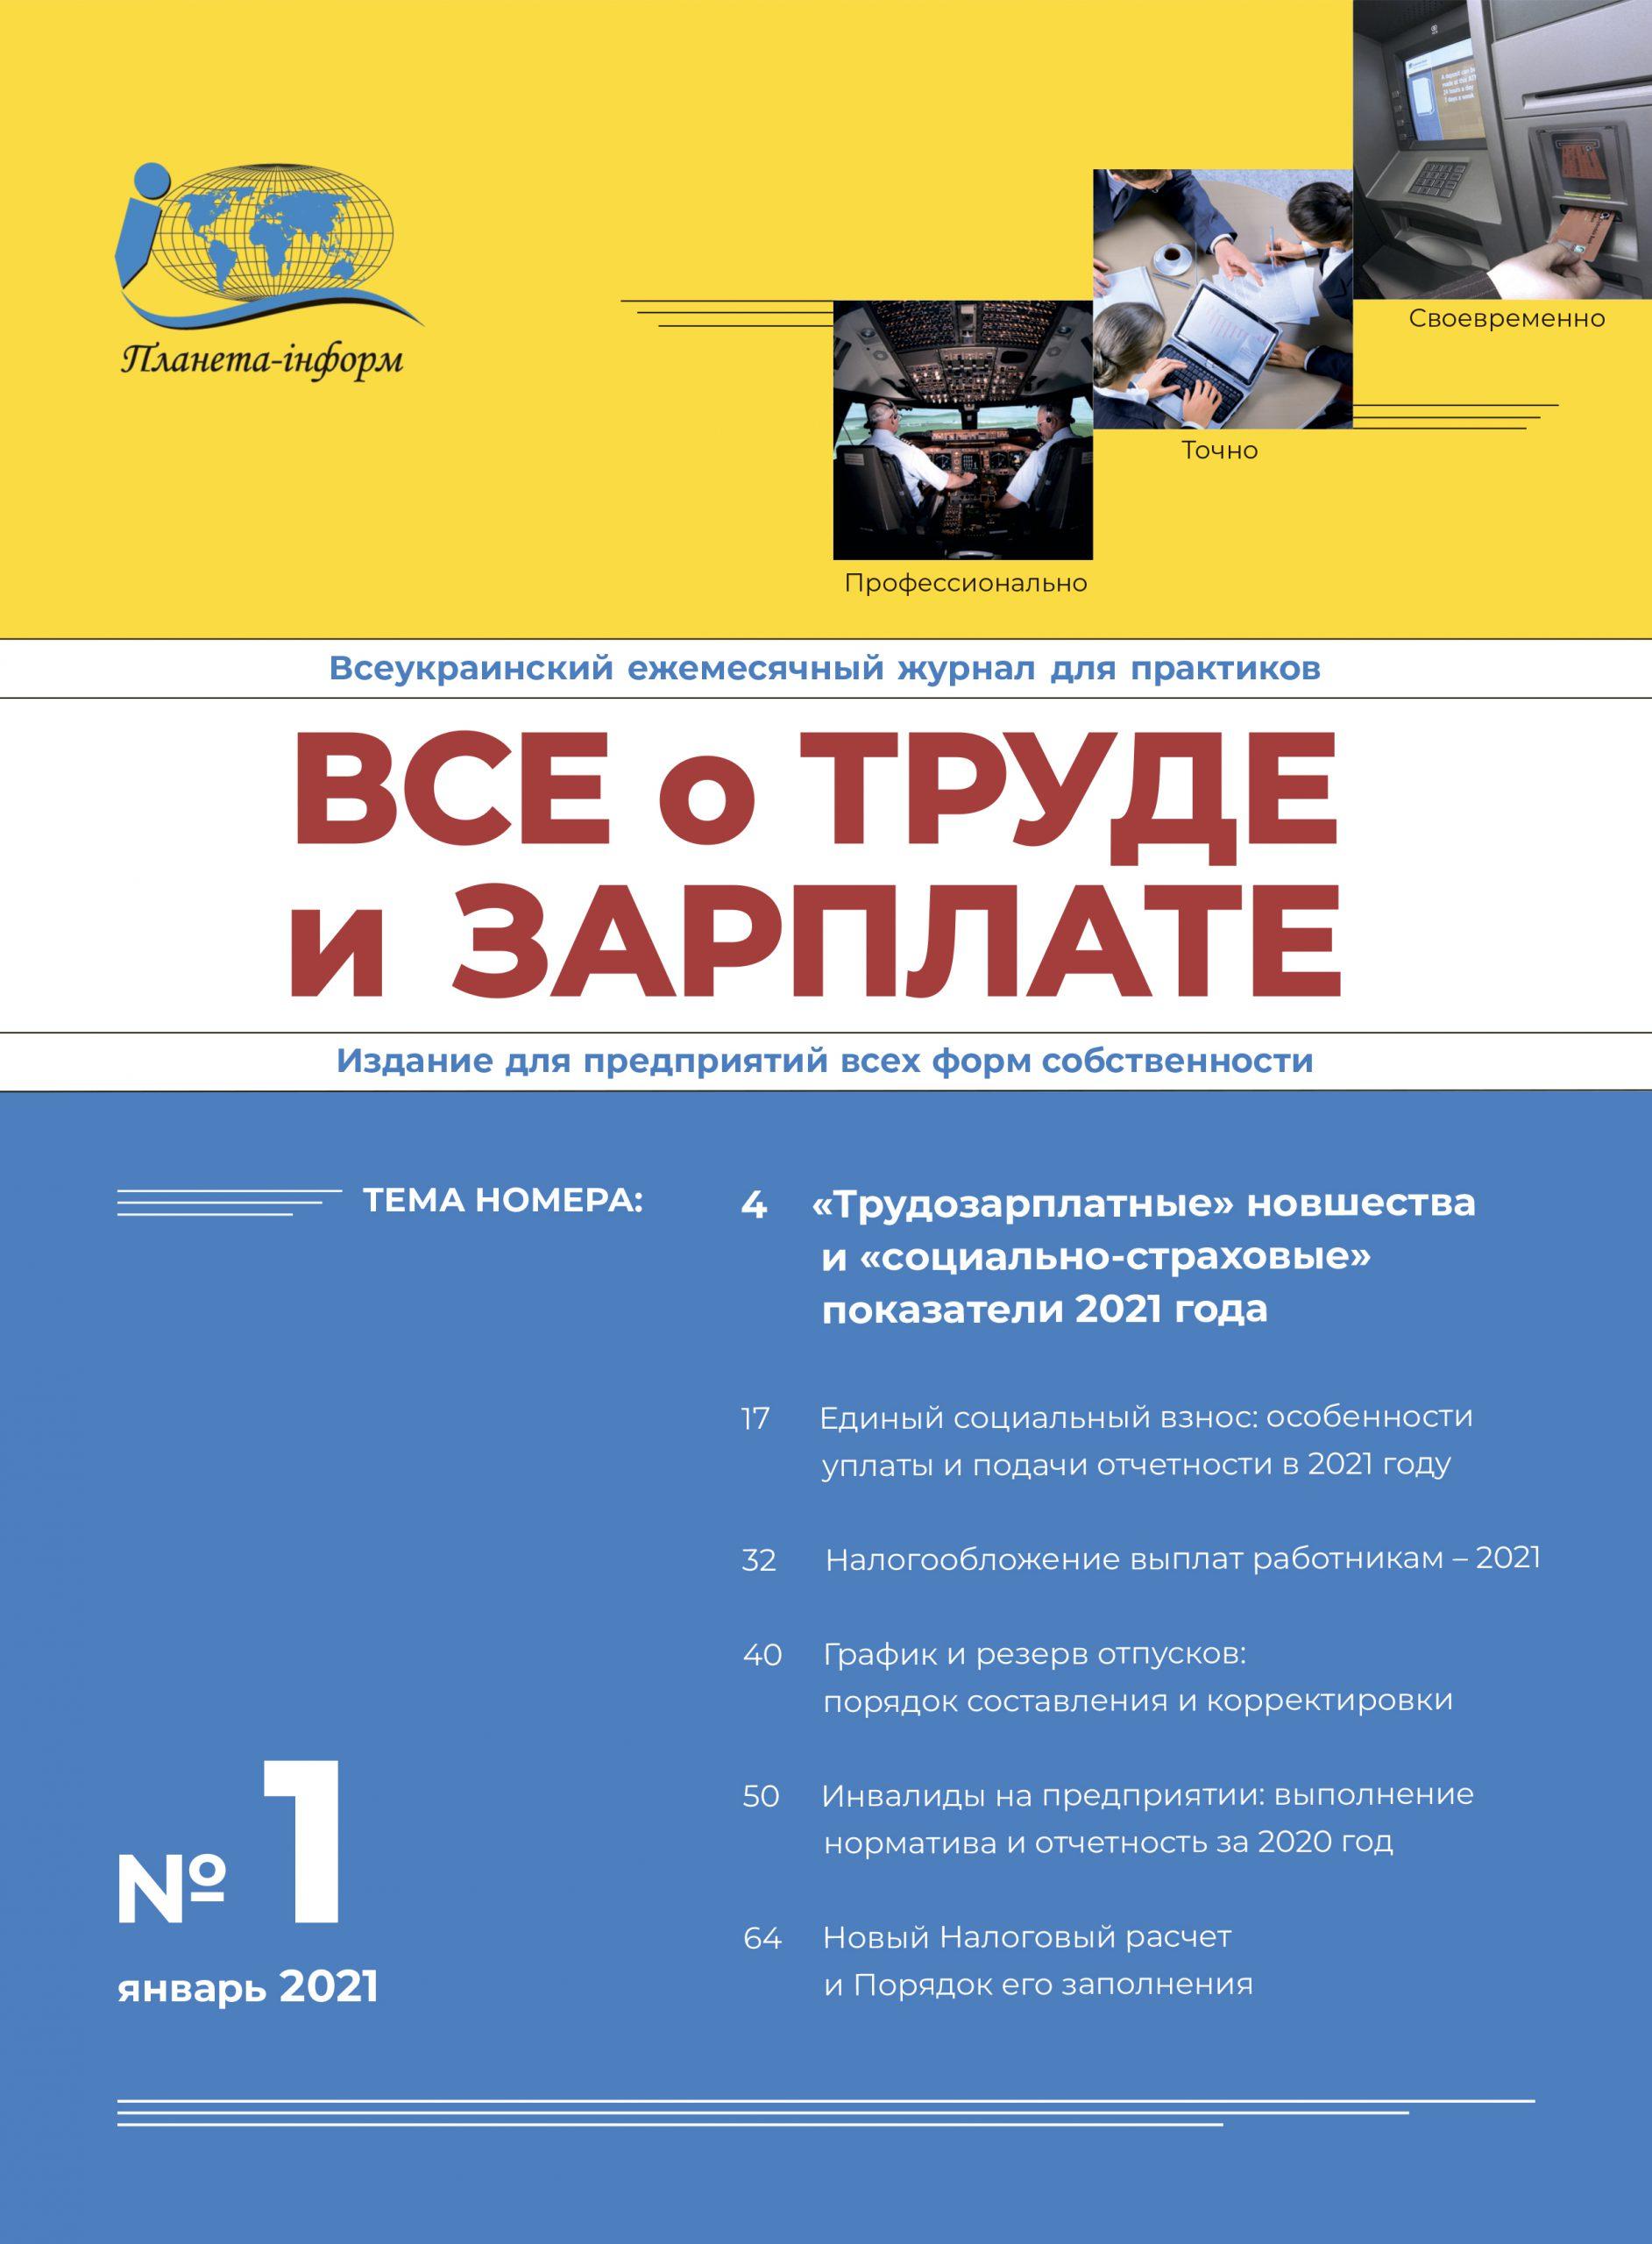 Журнал «Все о труде и зарплате» № 1/2021